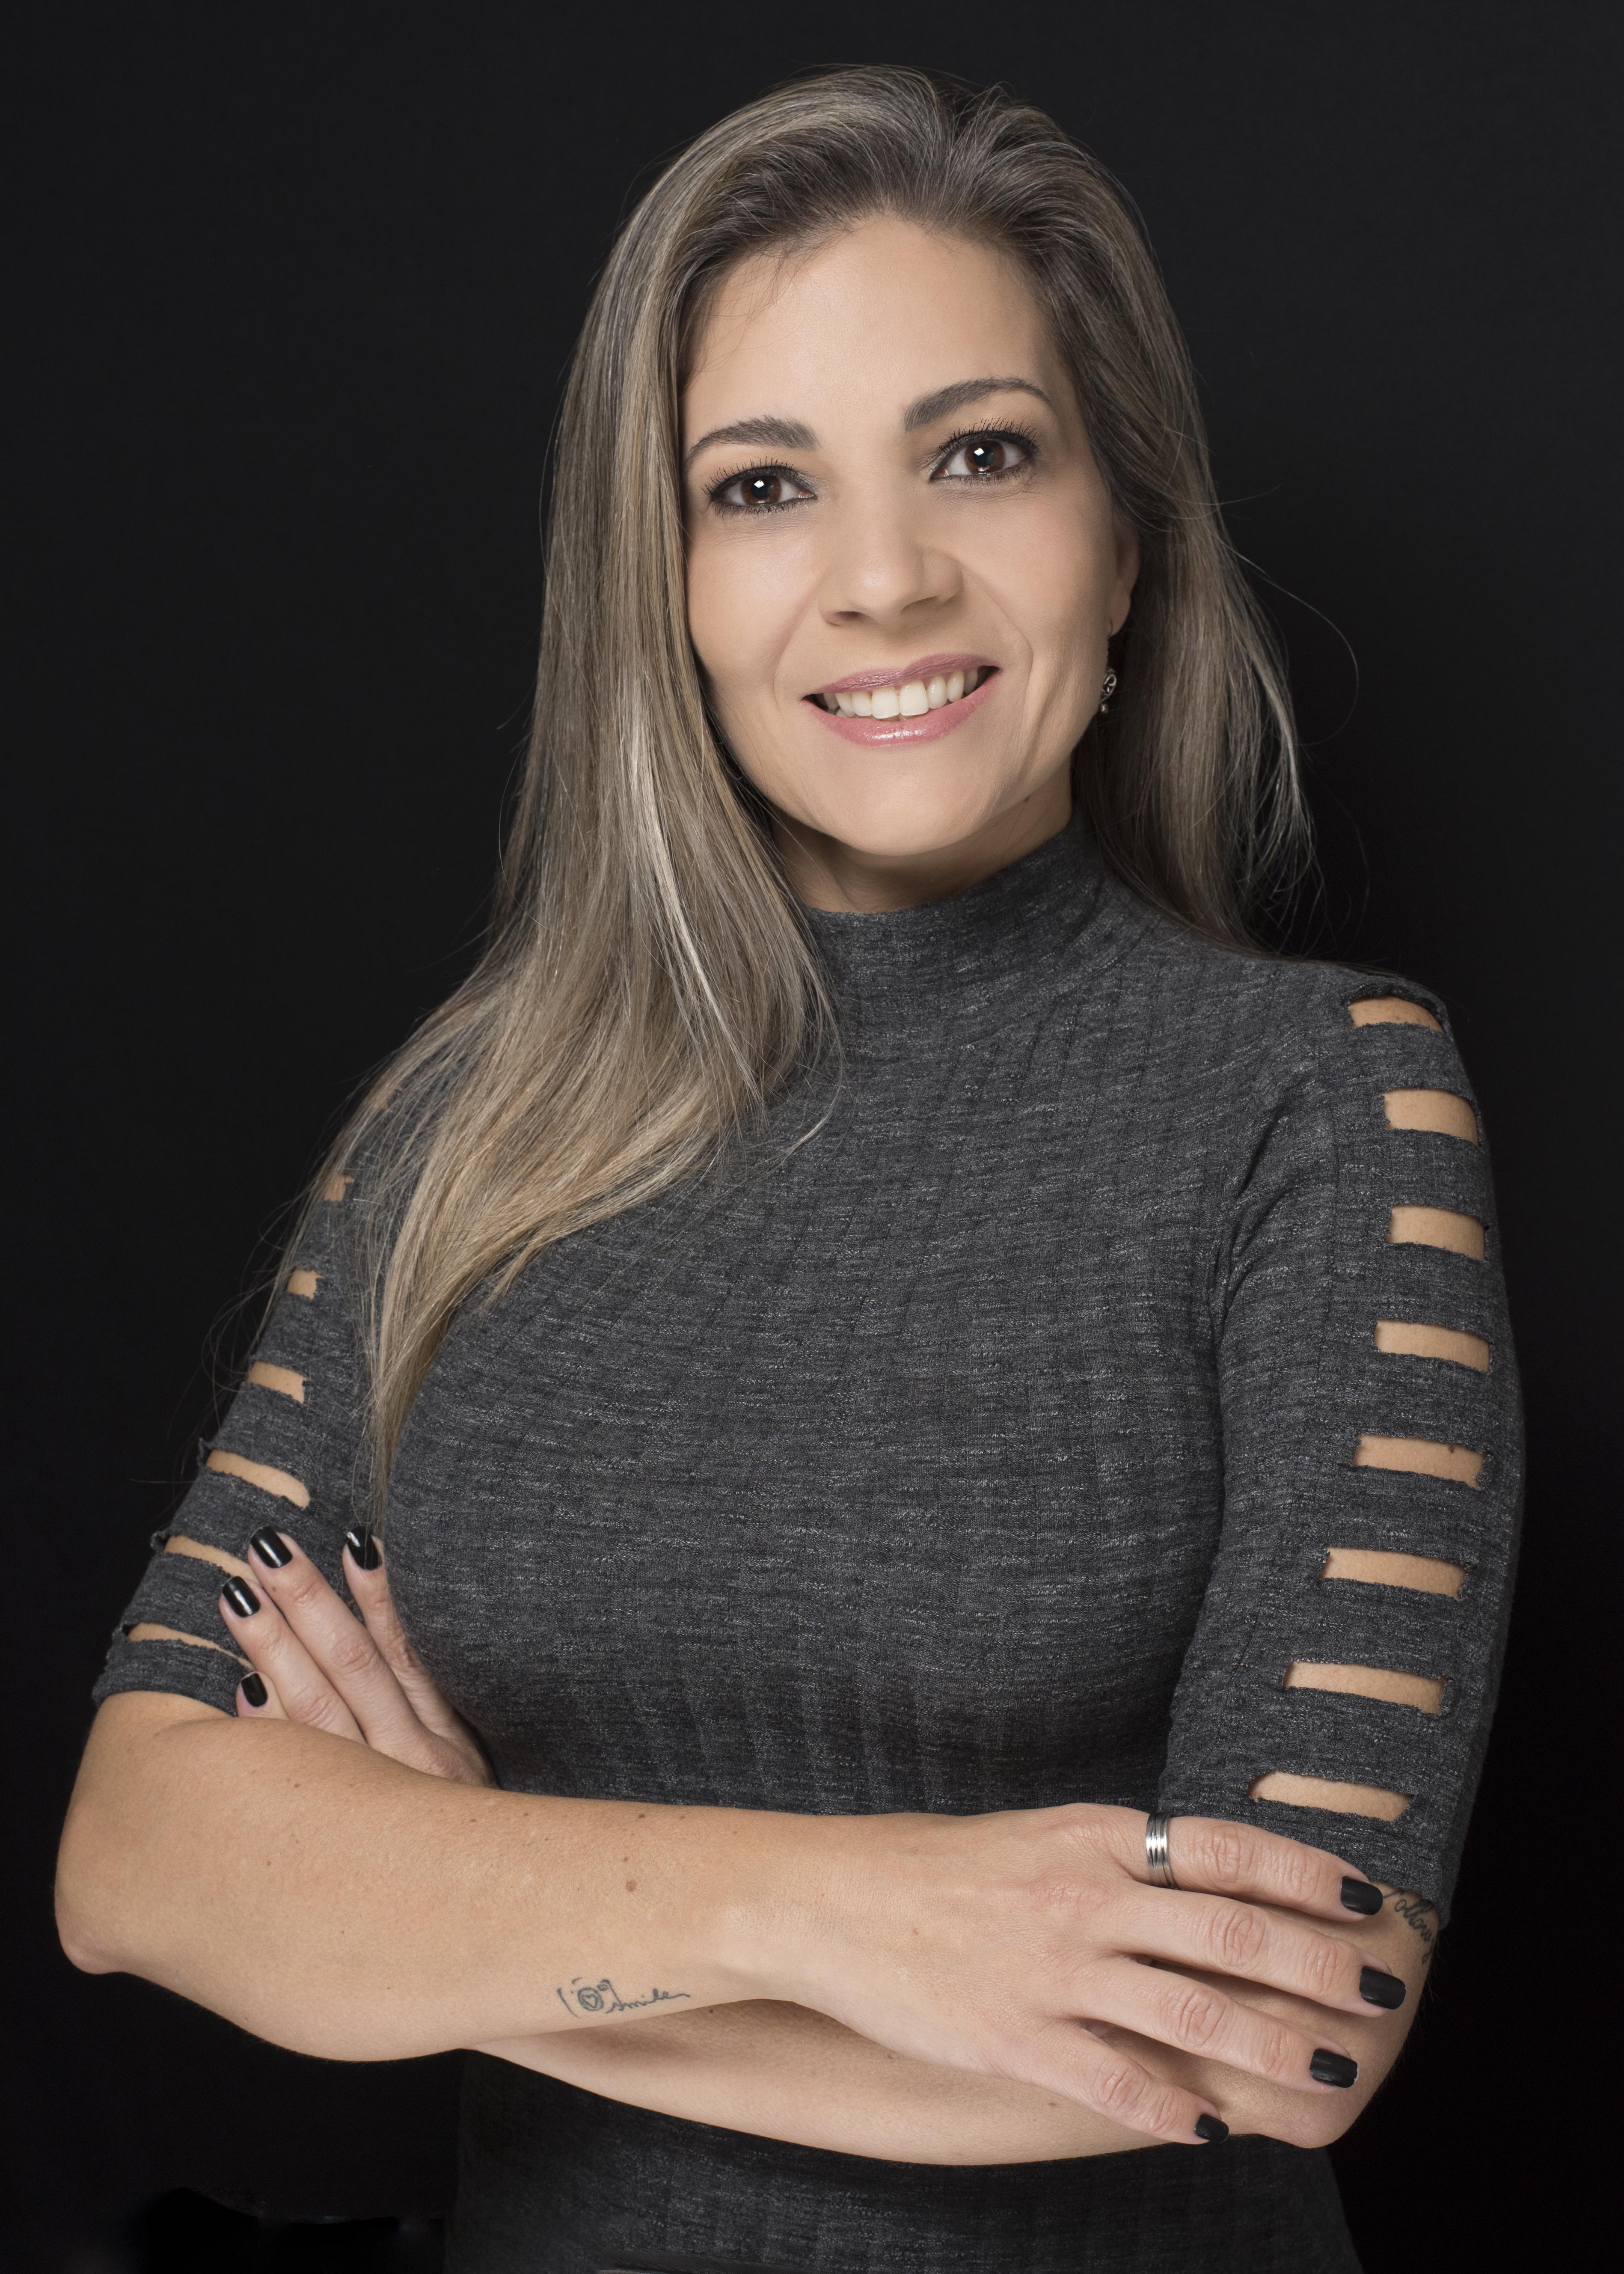 Contate Fotógrafa de Newborn, Gestante e Acompanhamento em  Ponta Grossa-Pr Karol Monarini